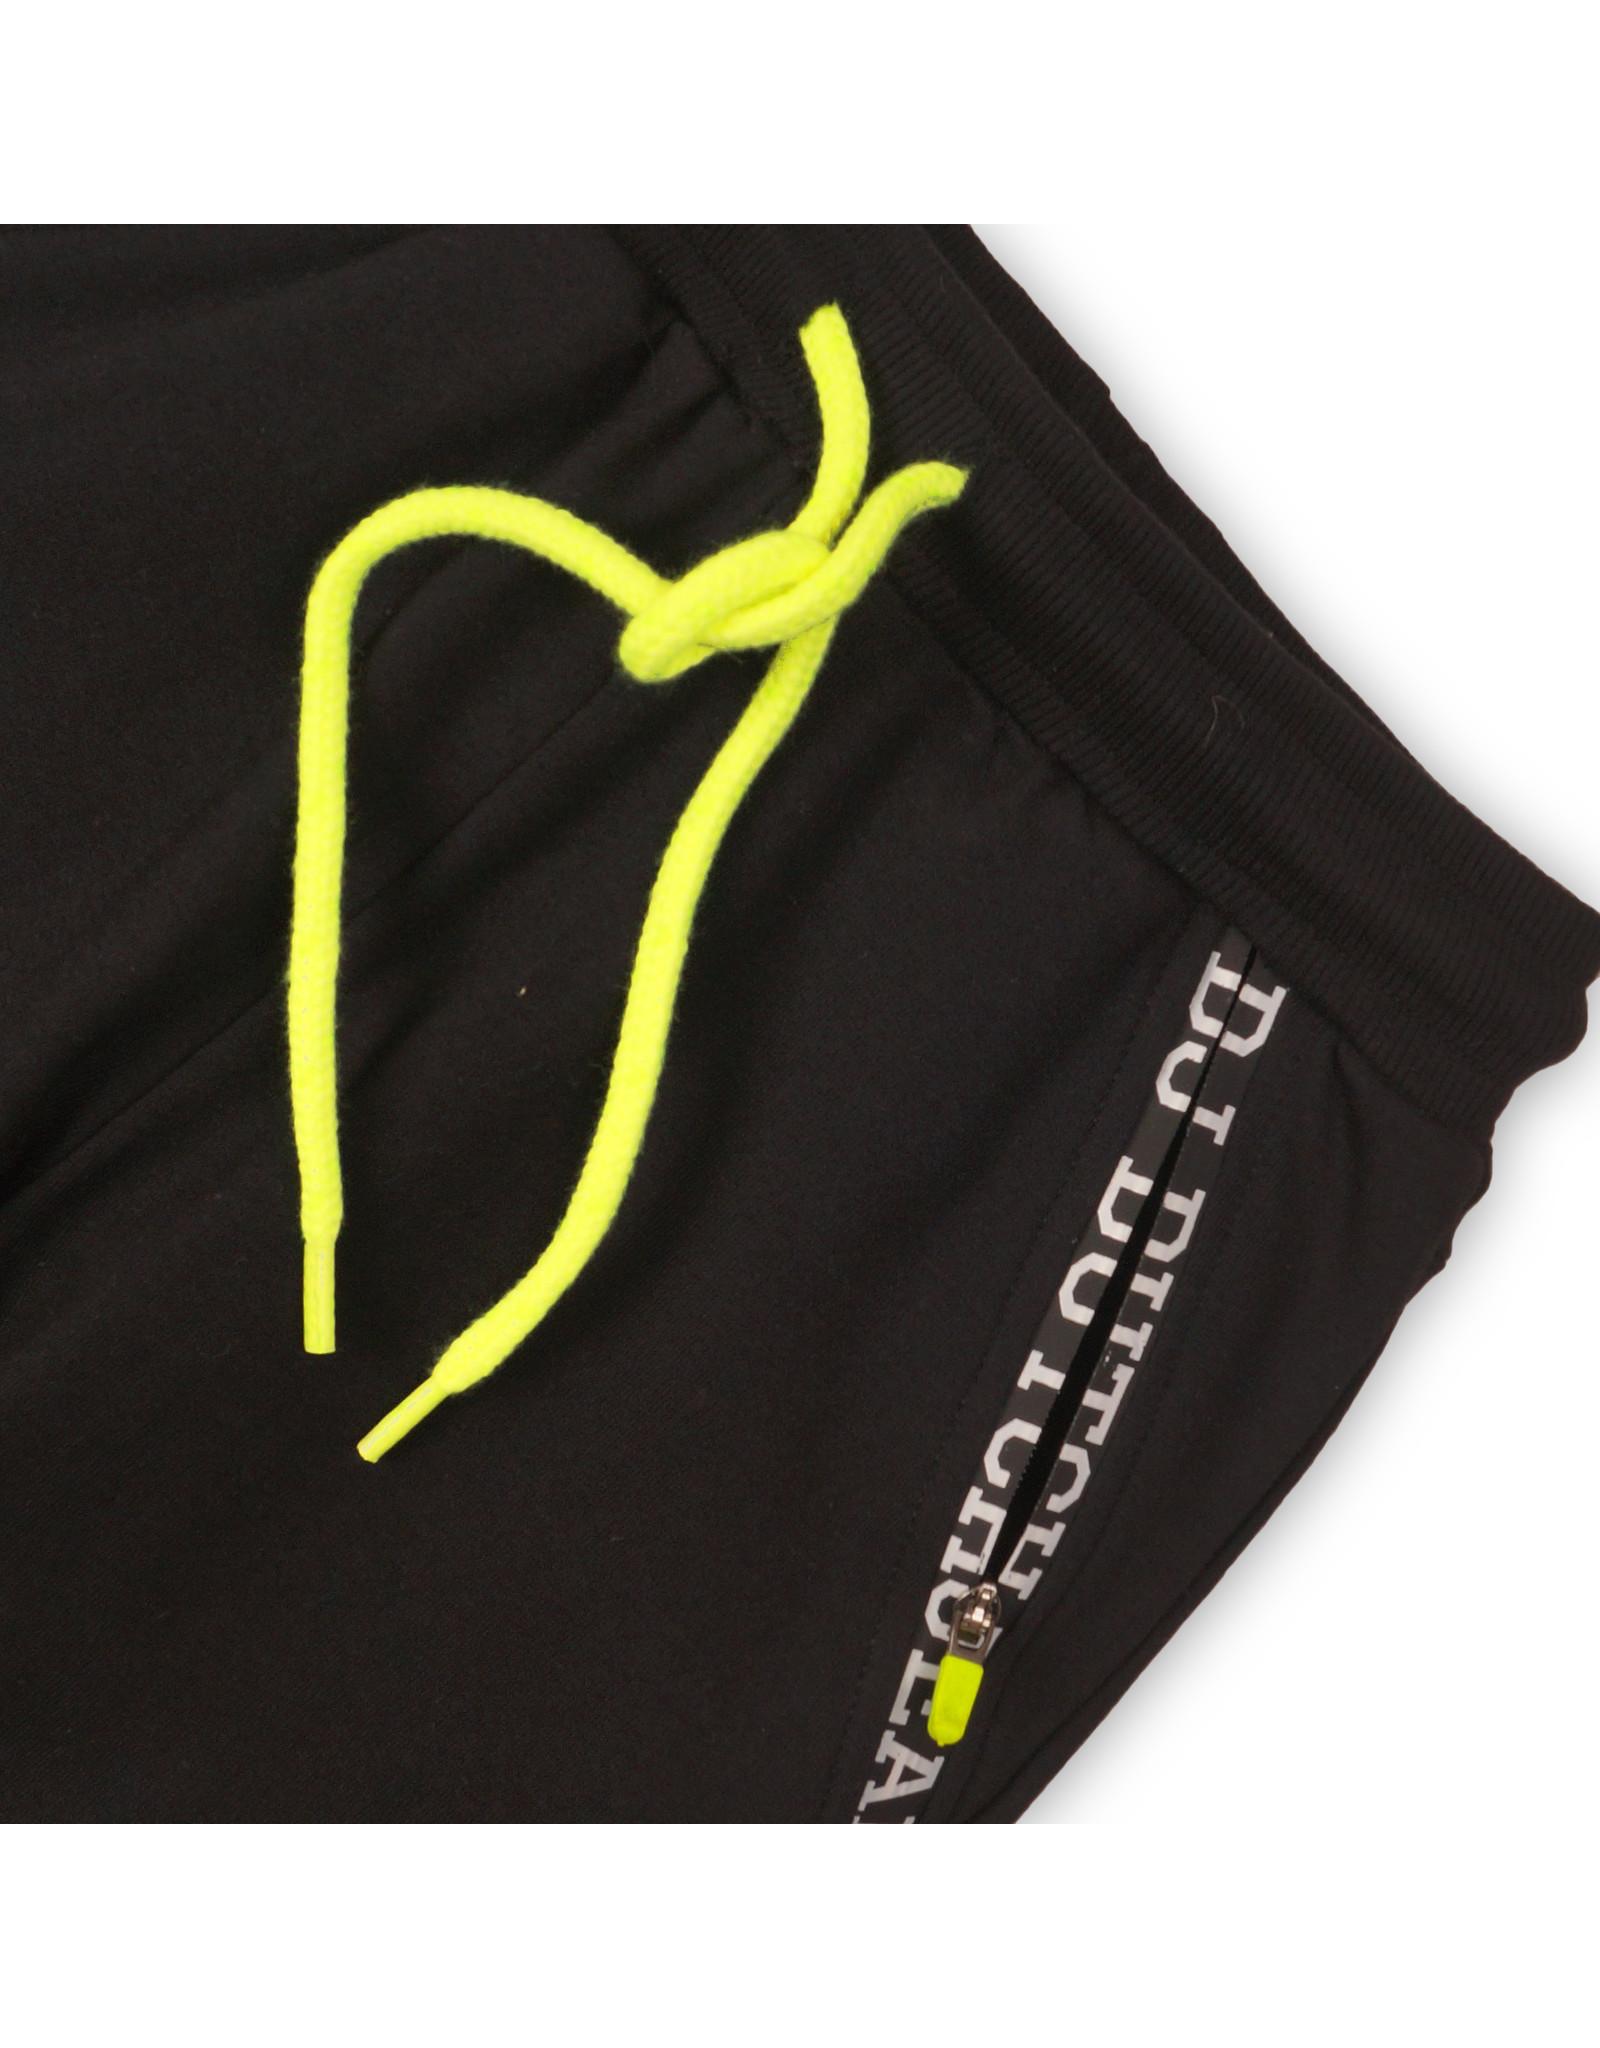 Dutch Jeans Jogging shorts, 45C-34189